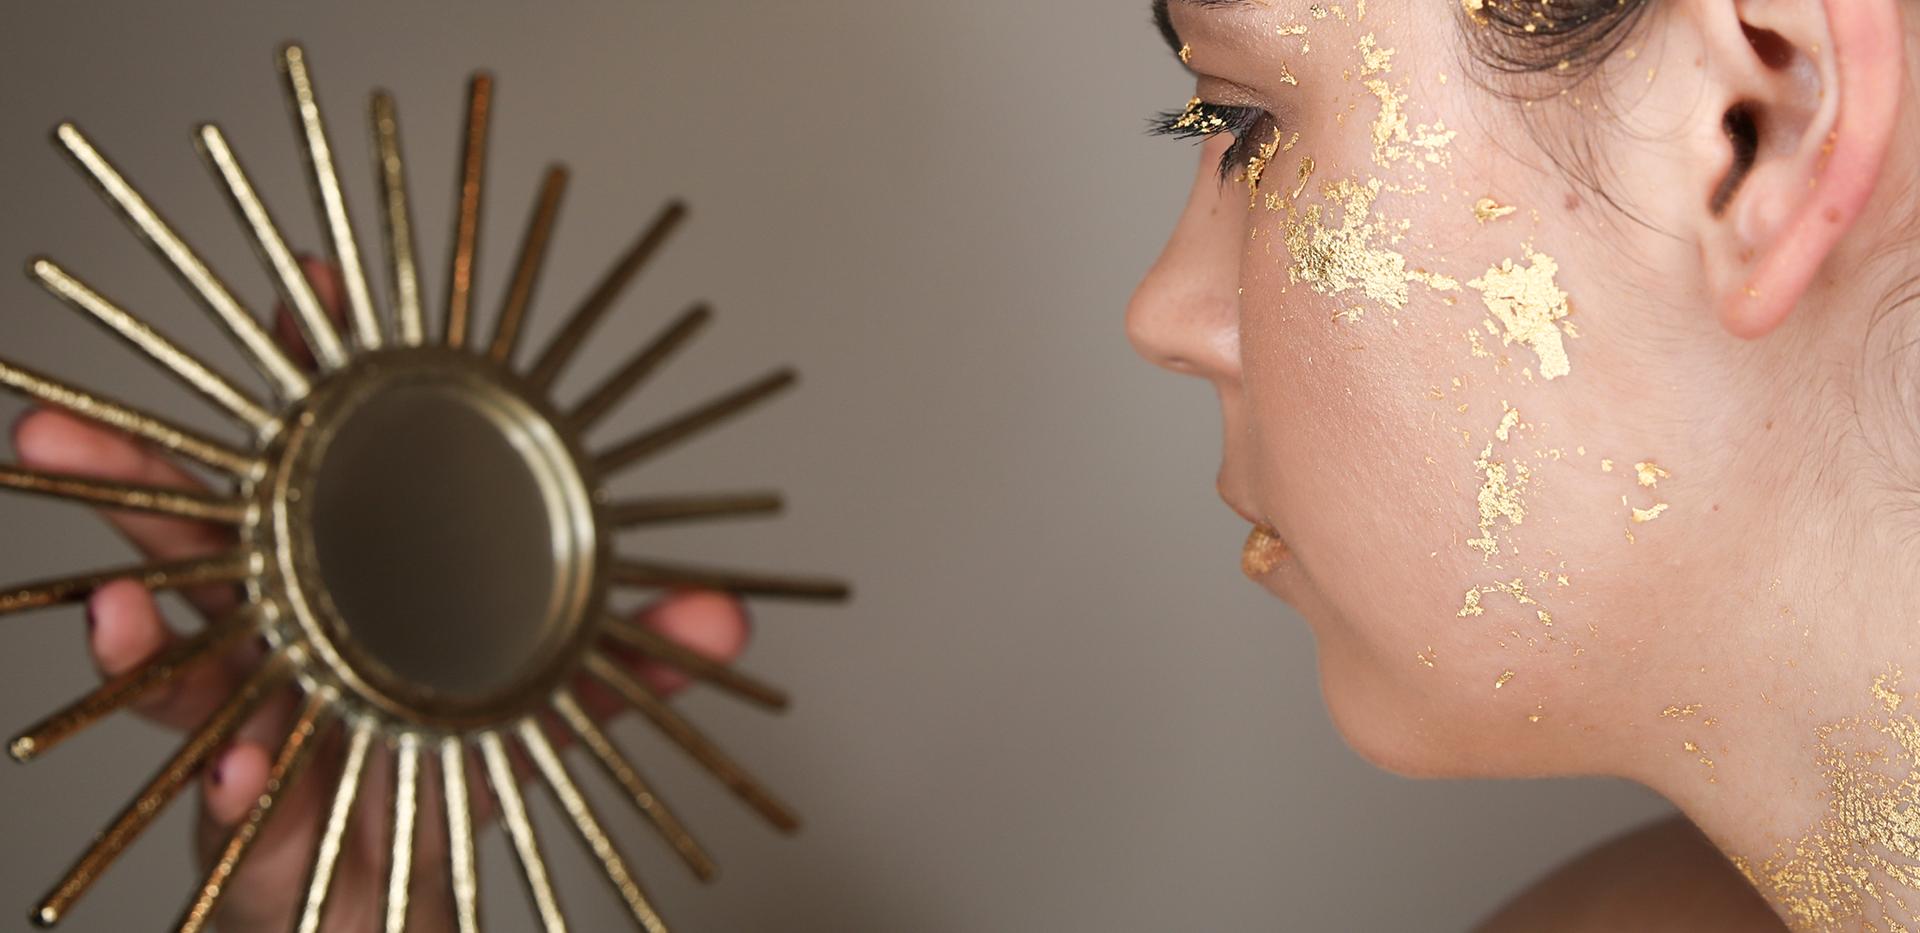 gold-leaf-make-up-4.png